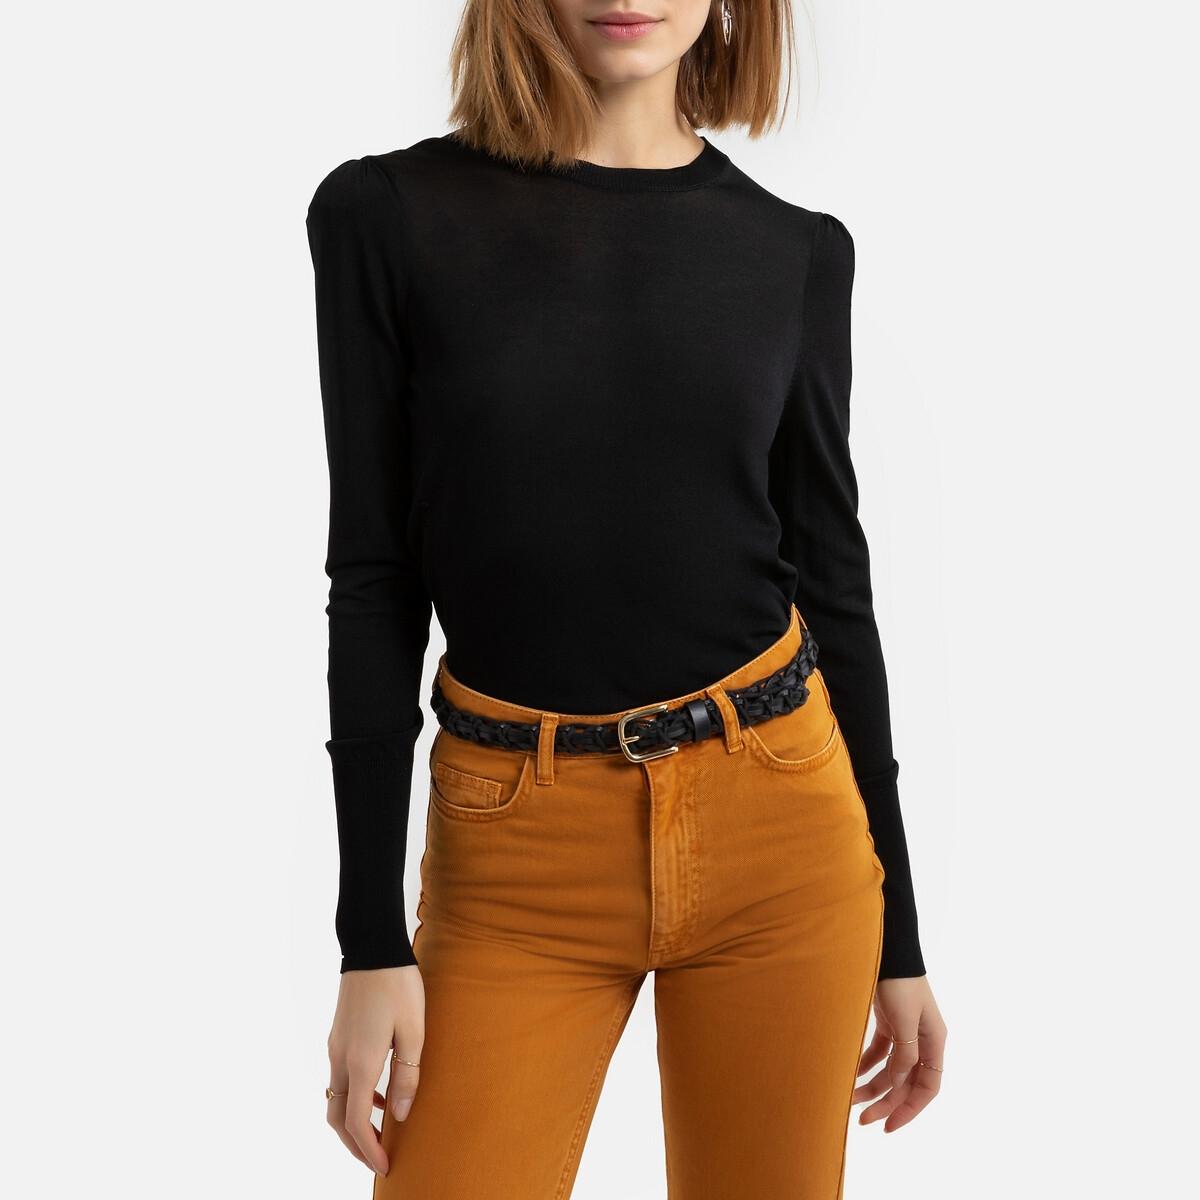 Jersey con cuello redondo de punto fino y mangas ablusadas